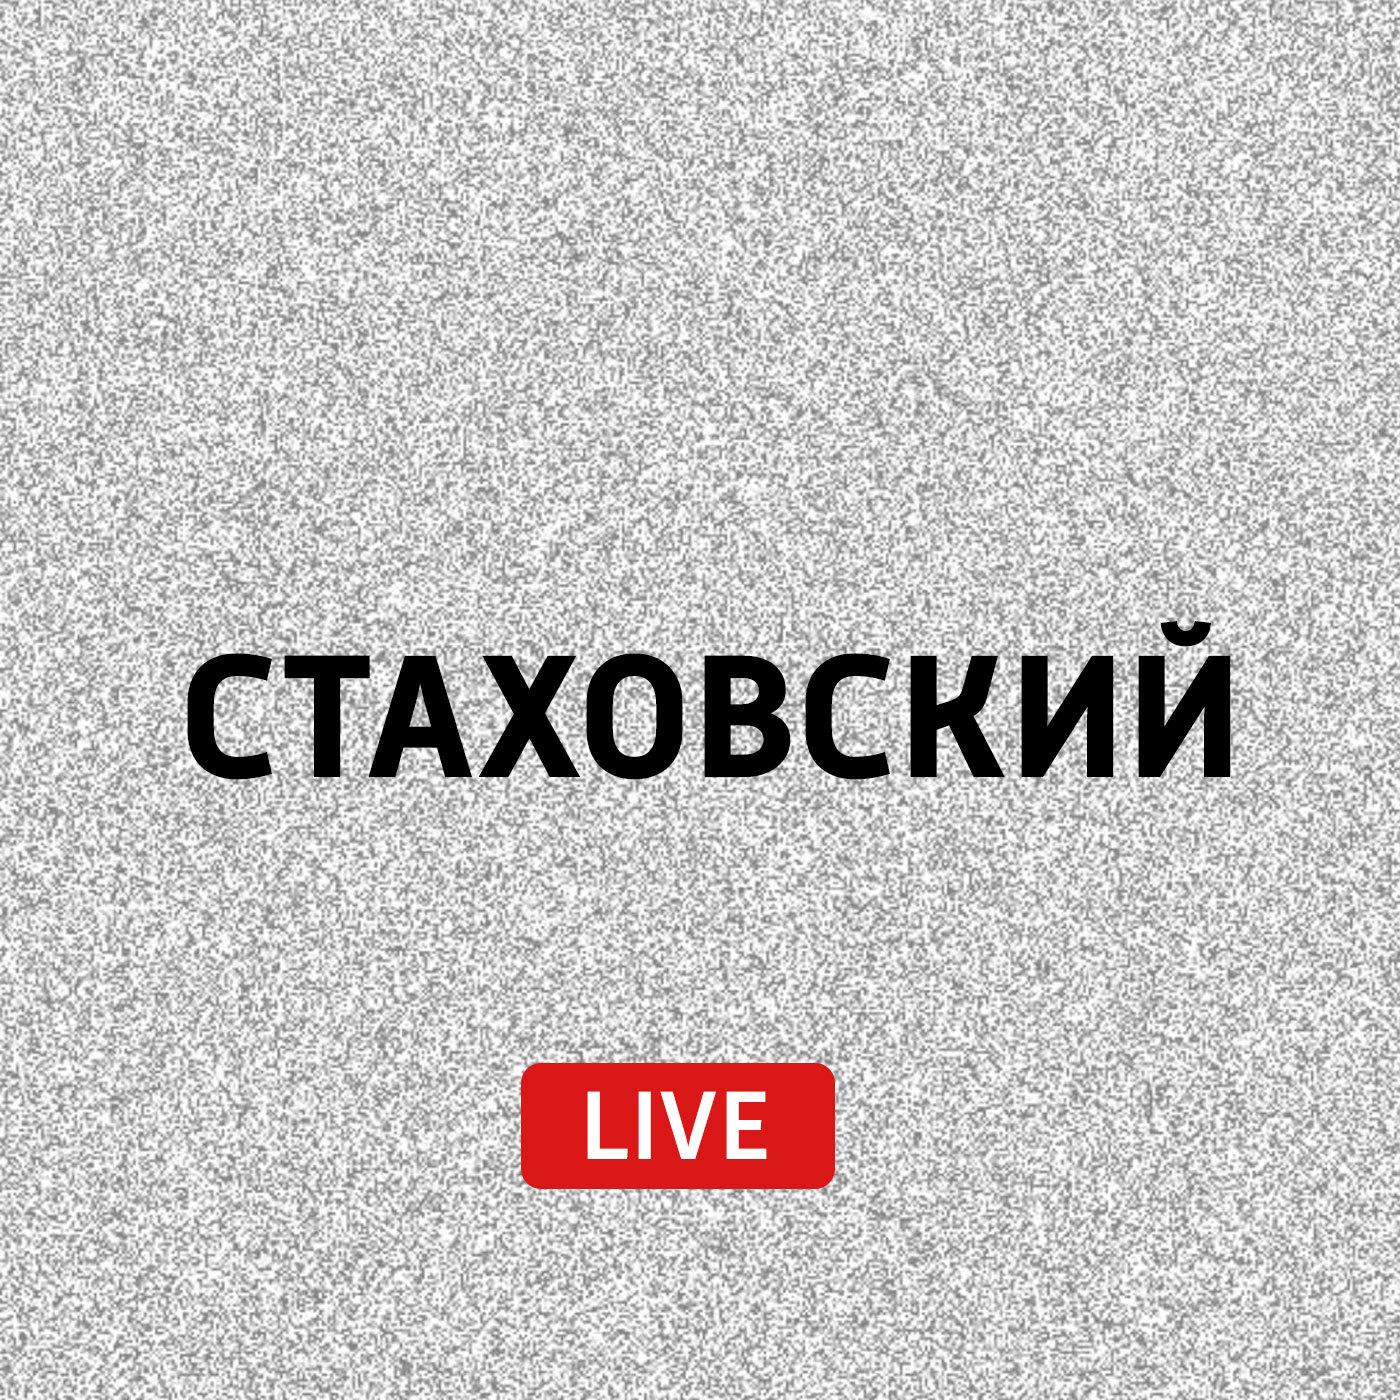 Евгений Стаховский Родился Джозеф Пулитцер авиакассы в санкт петербурге